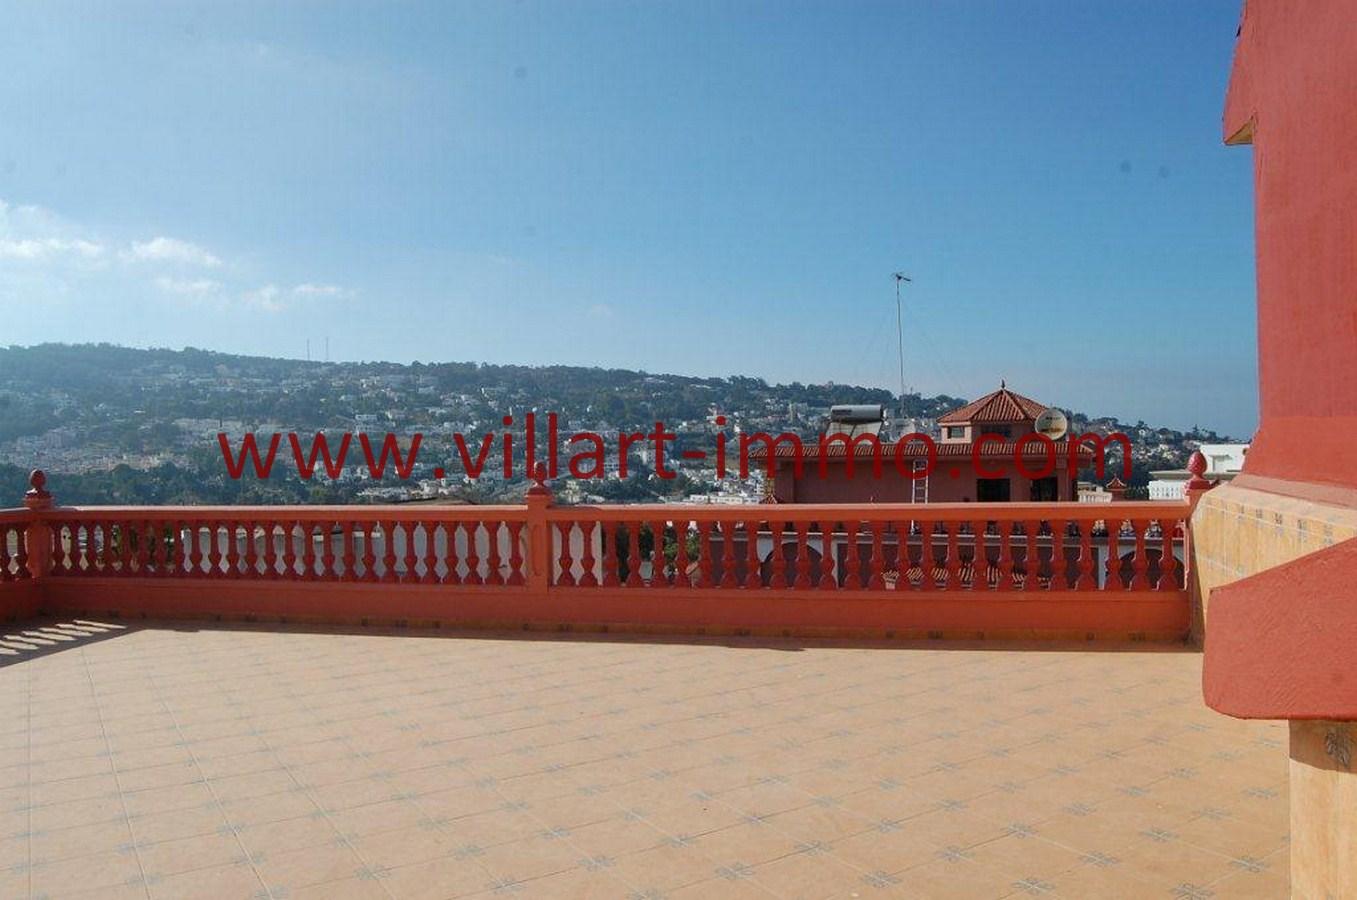 17-Vente-Villa-Tanger-Mojahidin-Terrasse-VV512-Villart Imm